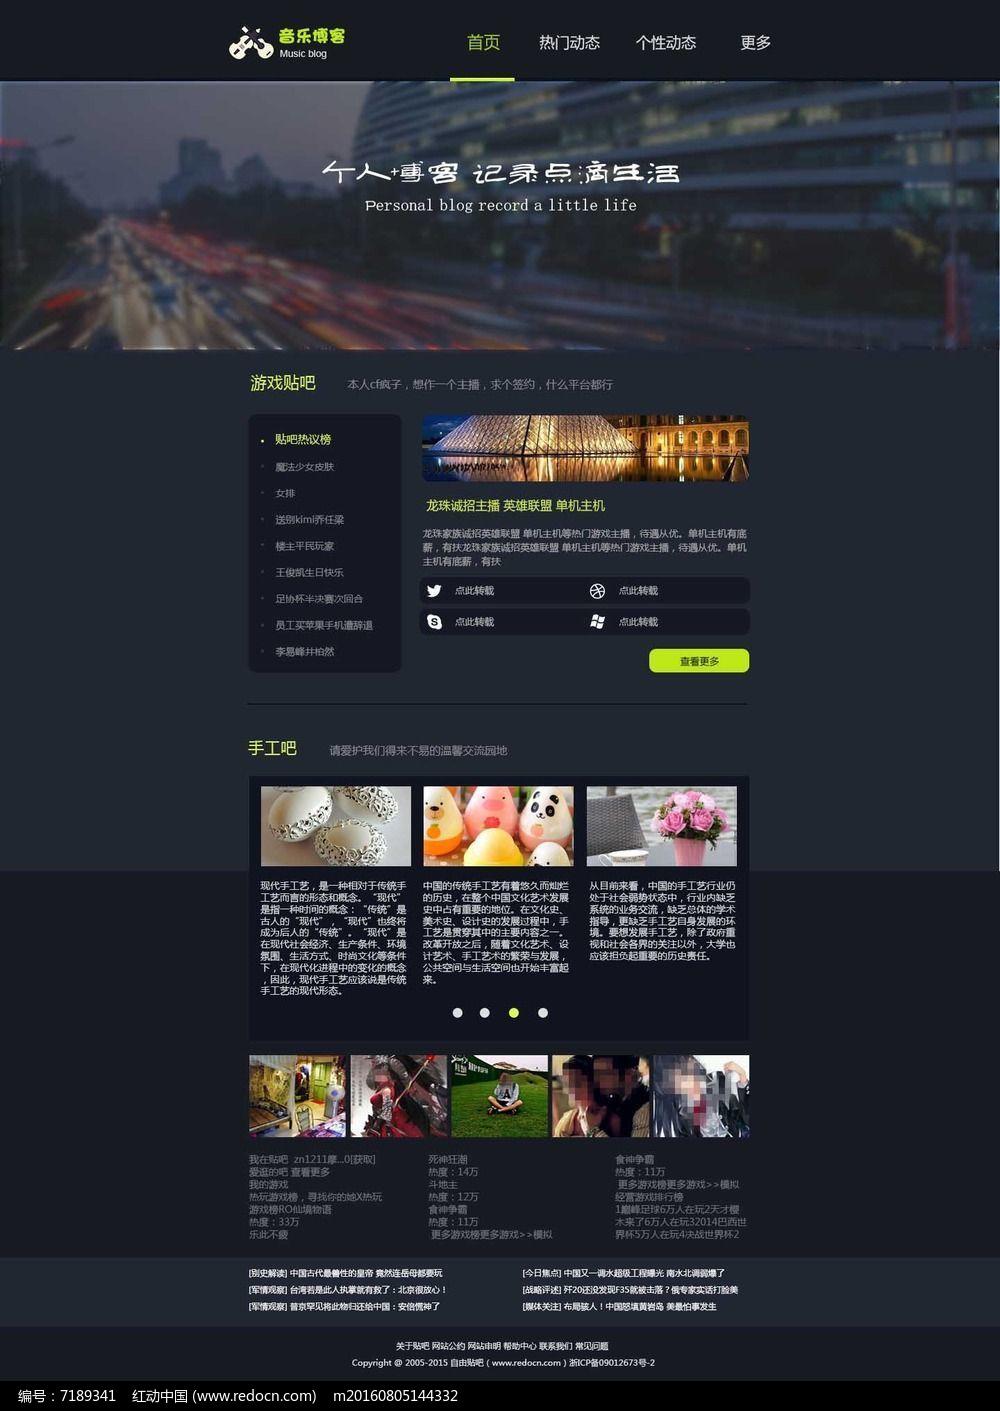 原创设计稿 网站模板/flash网页 个人网站|博客 博客网页  请您分享